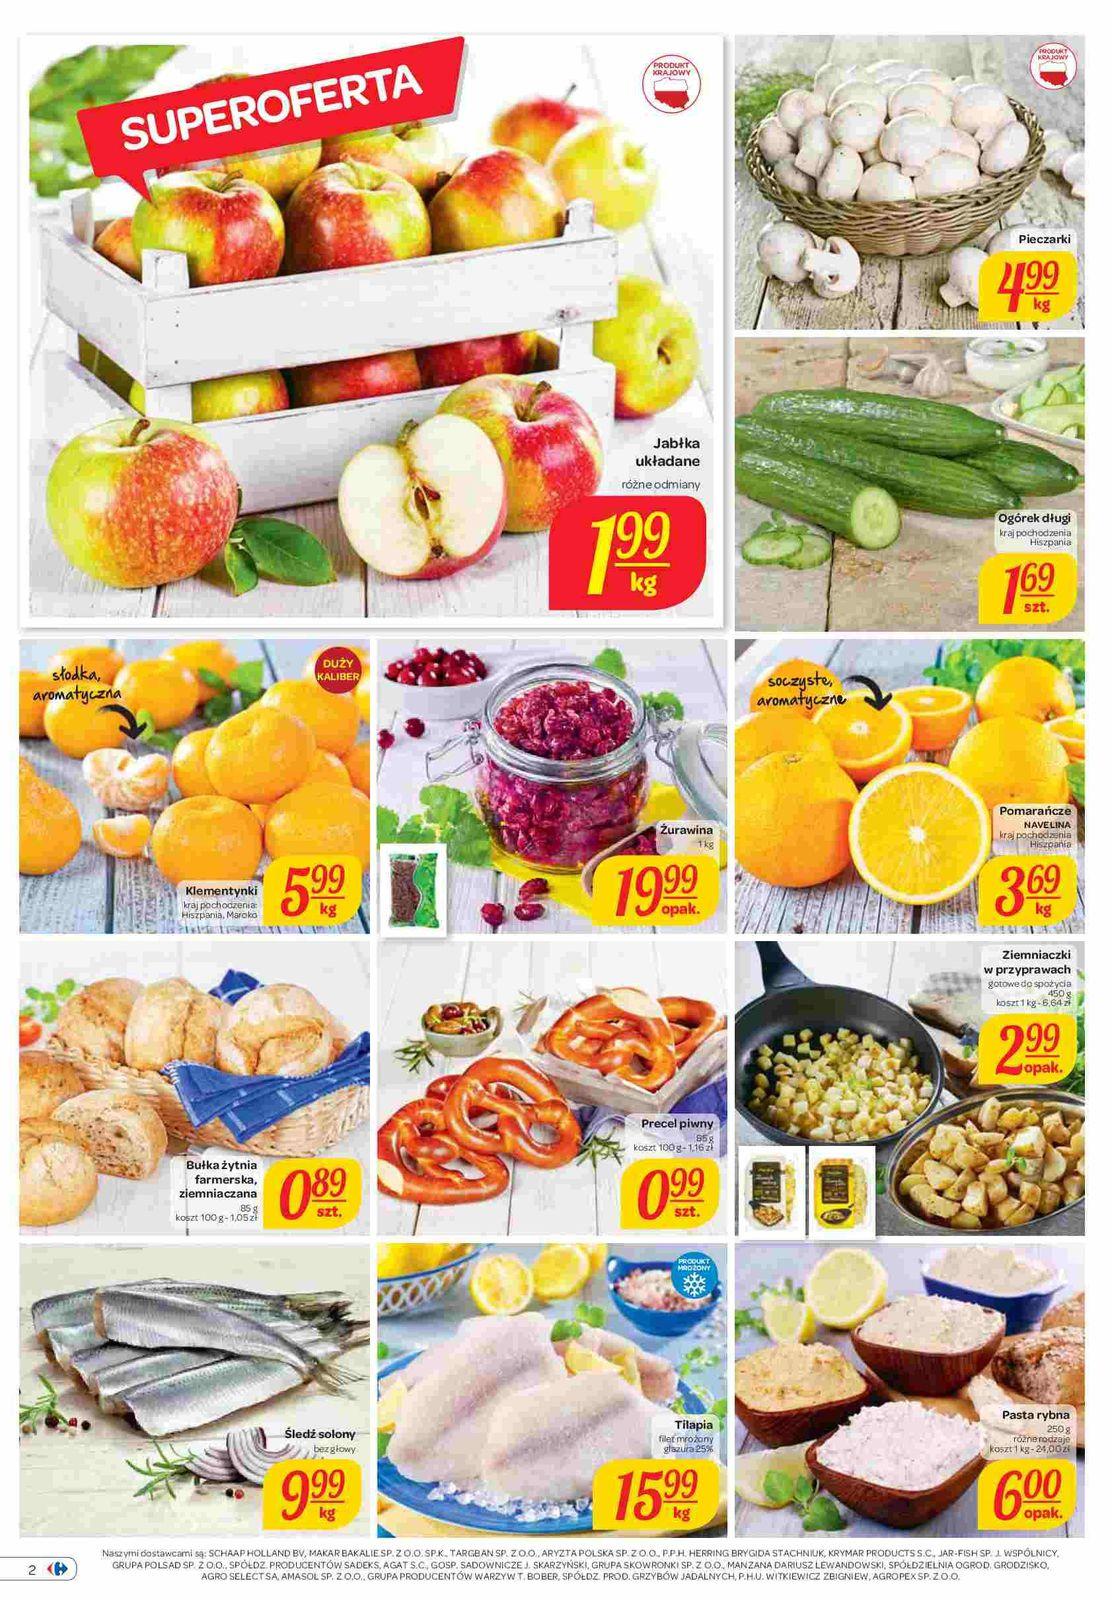 Gazetka promocyjna Carrefour do 17/11/2015 str.1